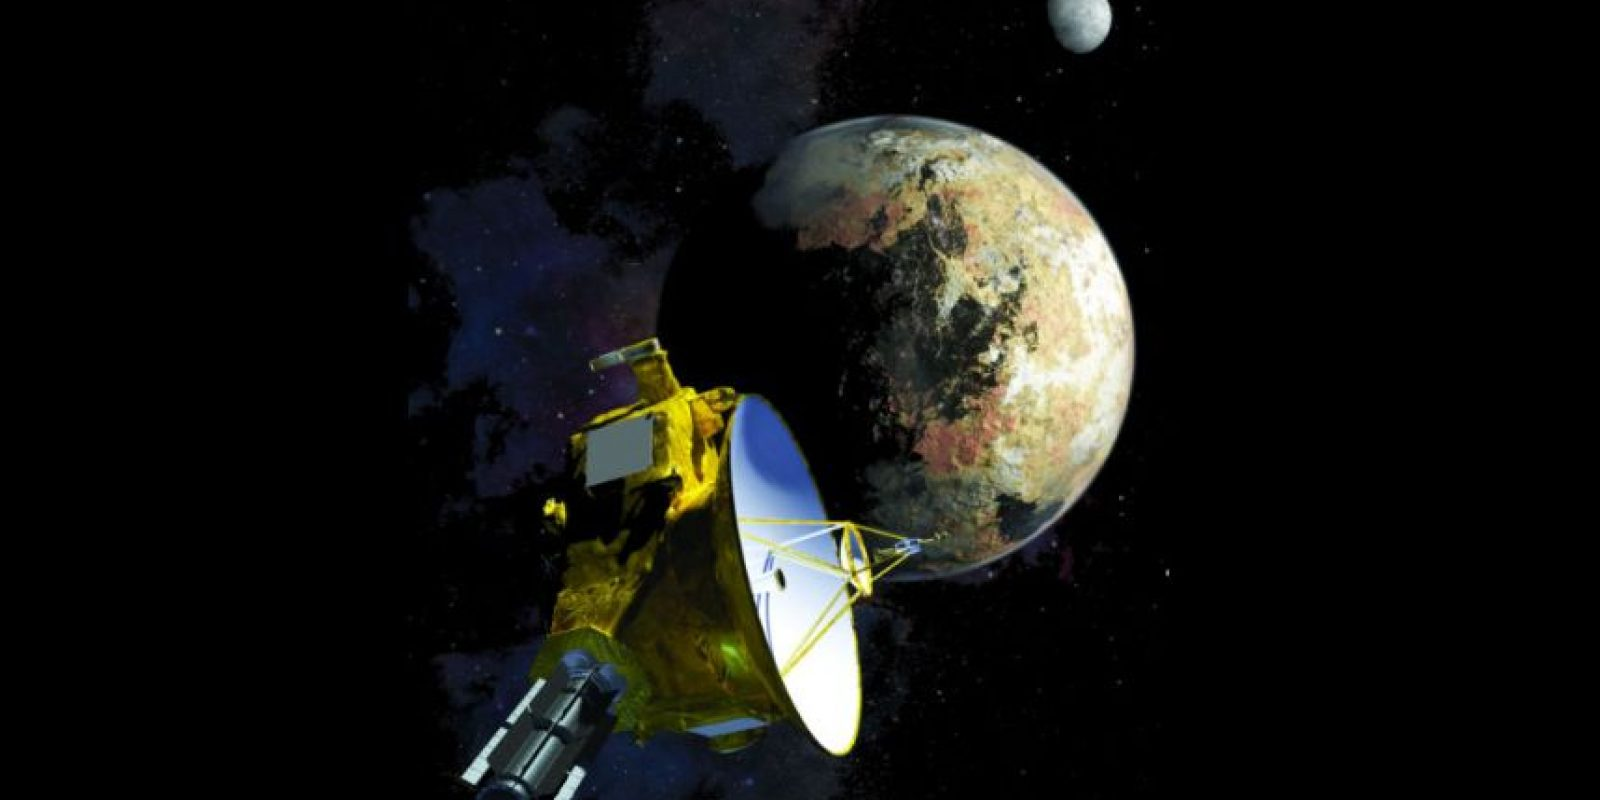 Para el 14 de julio serán: realizar imágenes de cerca de Plutón y Caronte, tomar una imagen de la cara nocturna de Plutón y tomar muestras de gases que escapan de la atmósfera. Además, se intentarán medir masas de Plutón y sus lunas. Foto:NASA